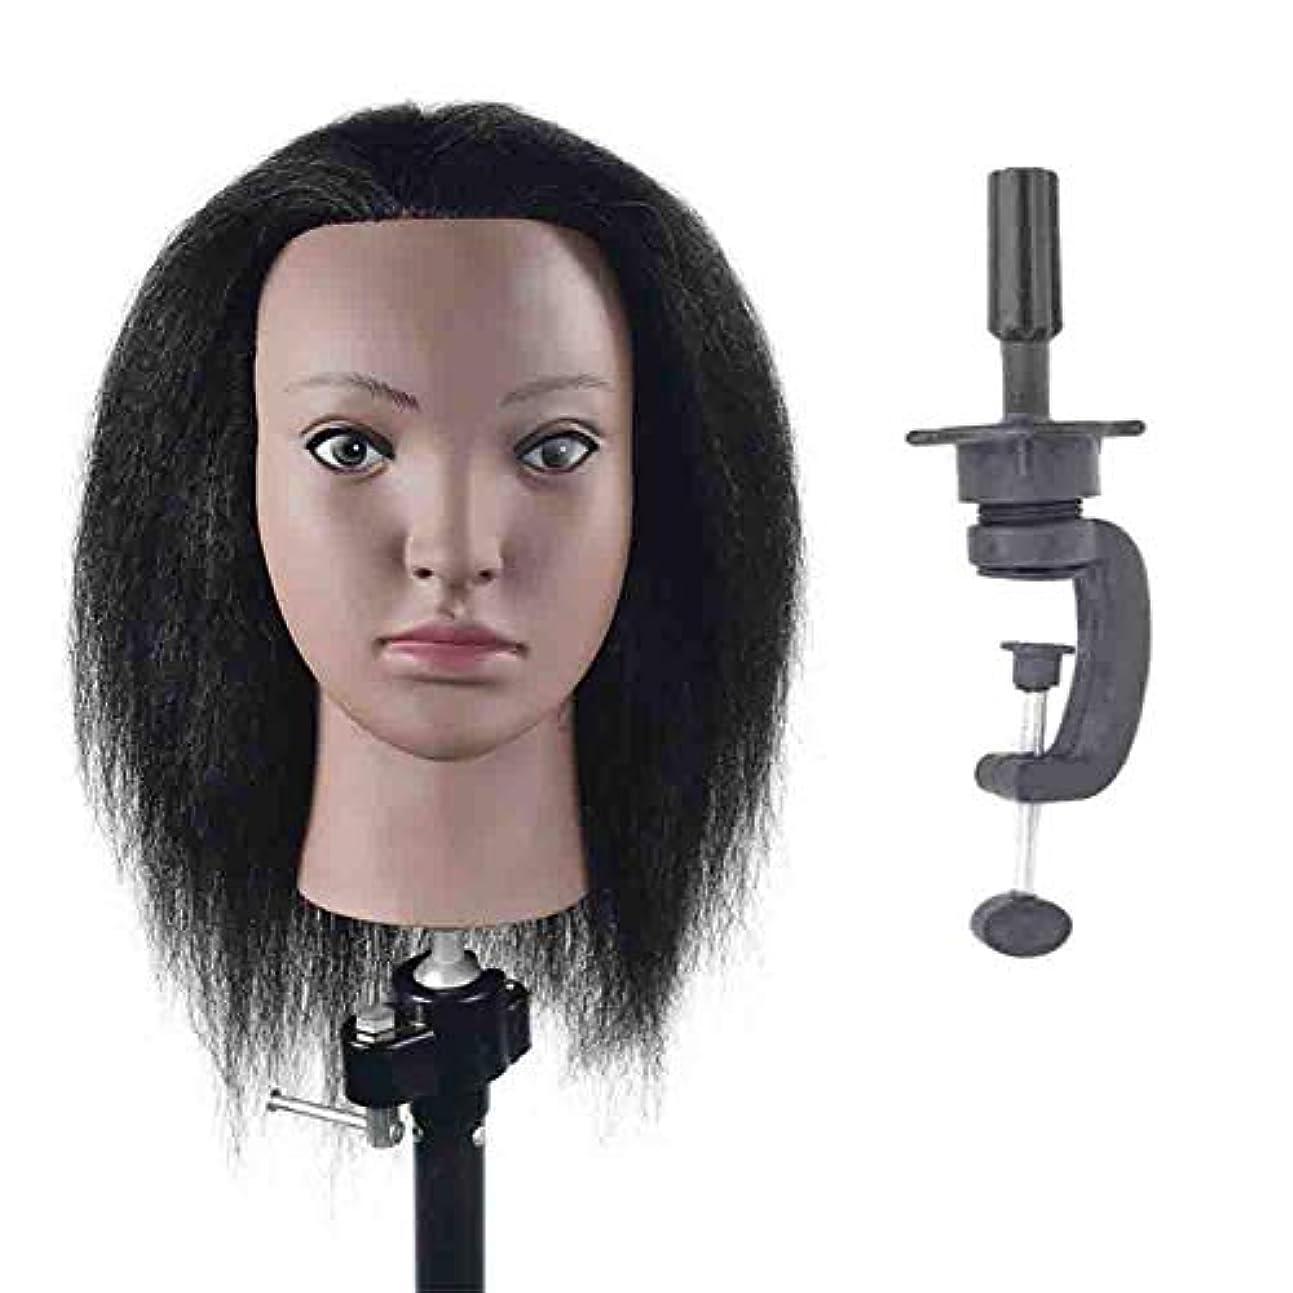 希少性み拍車練習ディスク髪編組ヘアモデル理髪店スクールティーチングヘッドロングかつら美容マネキンヘッド